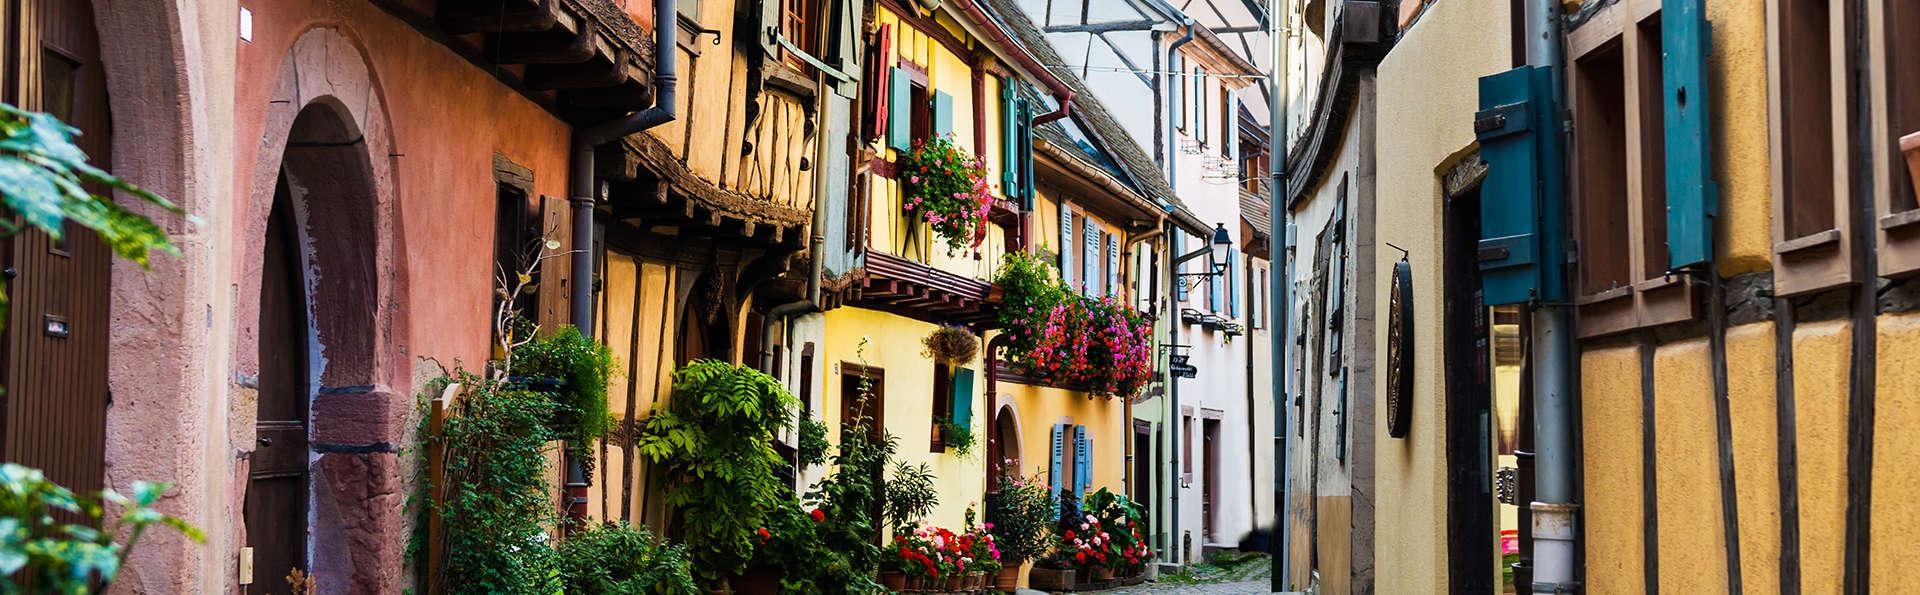 Dépaysement total et charme dans un village médiéval en Alsace